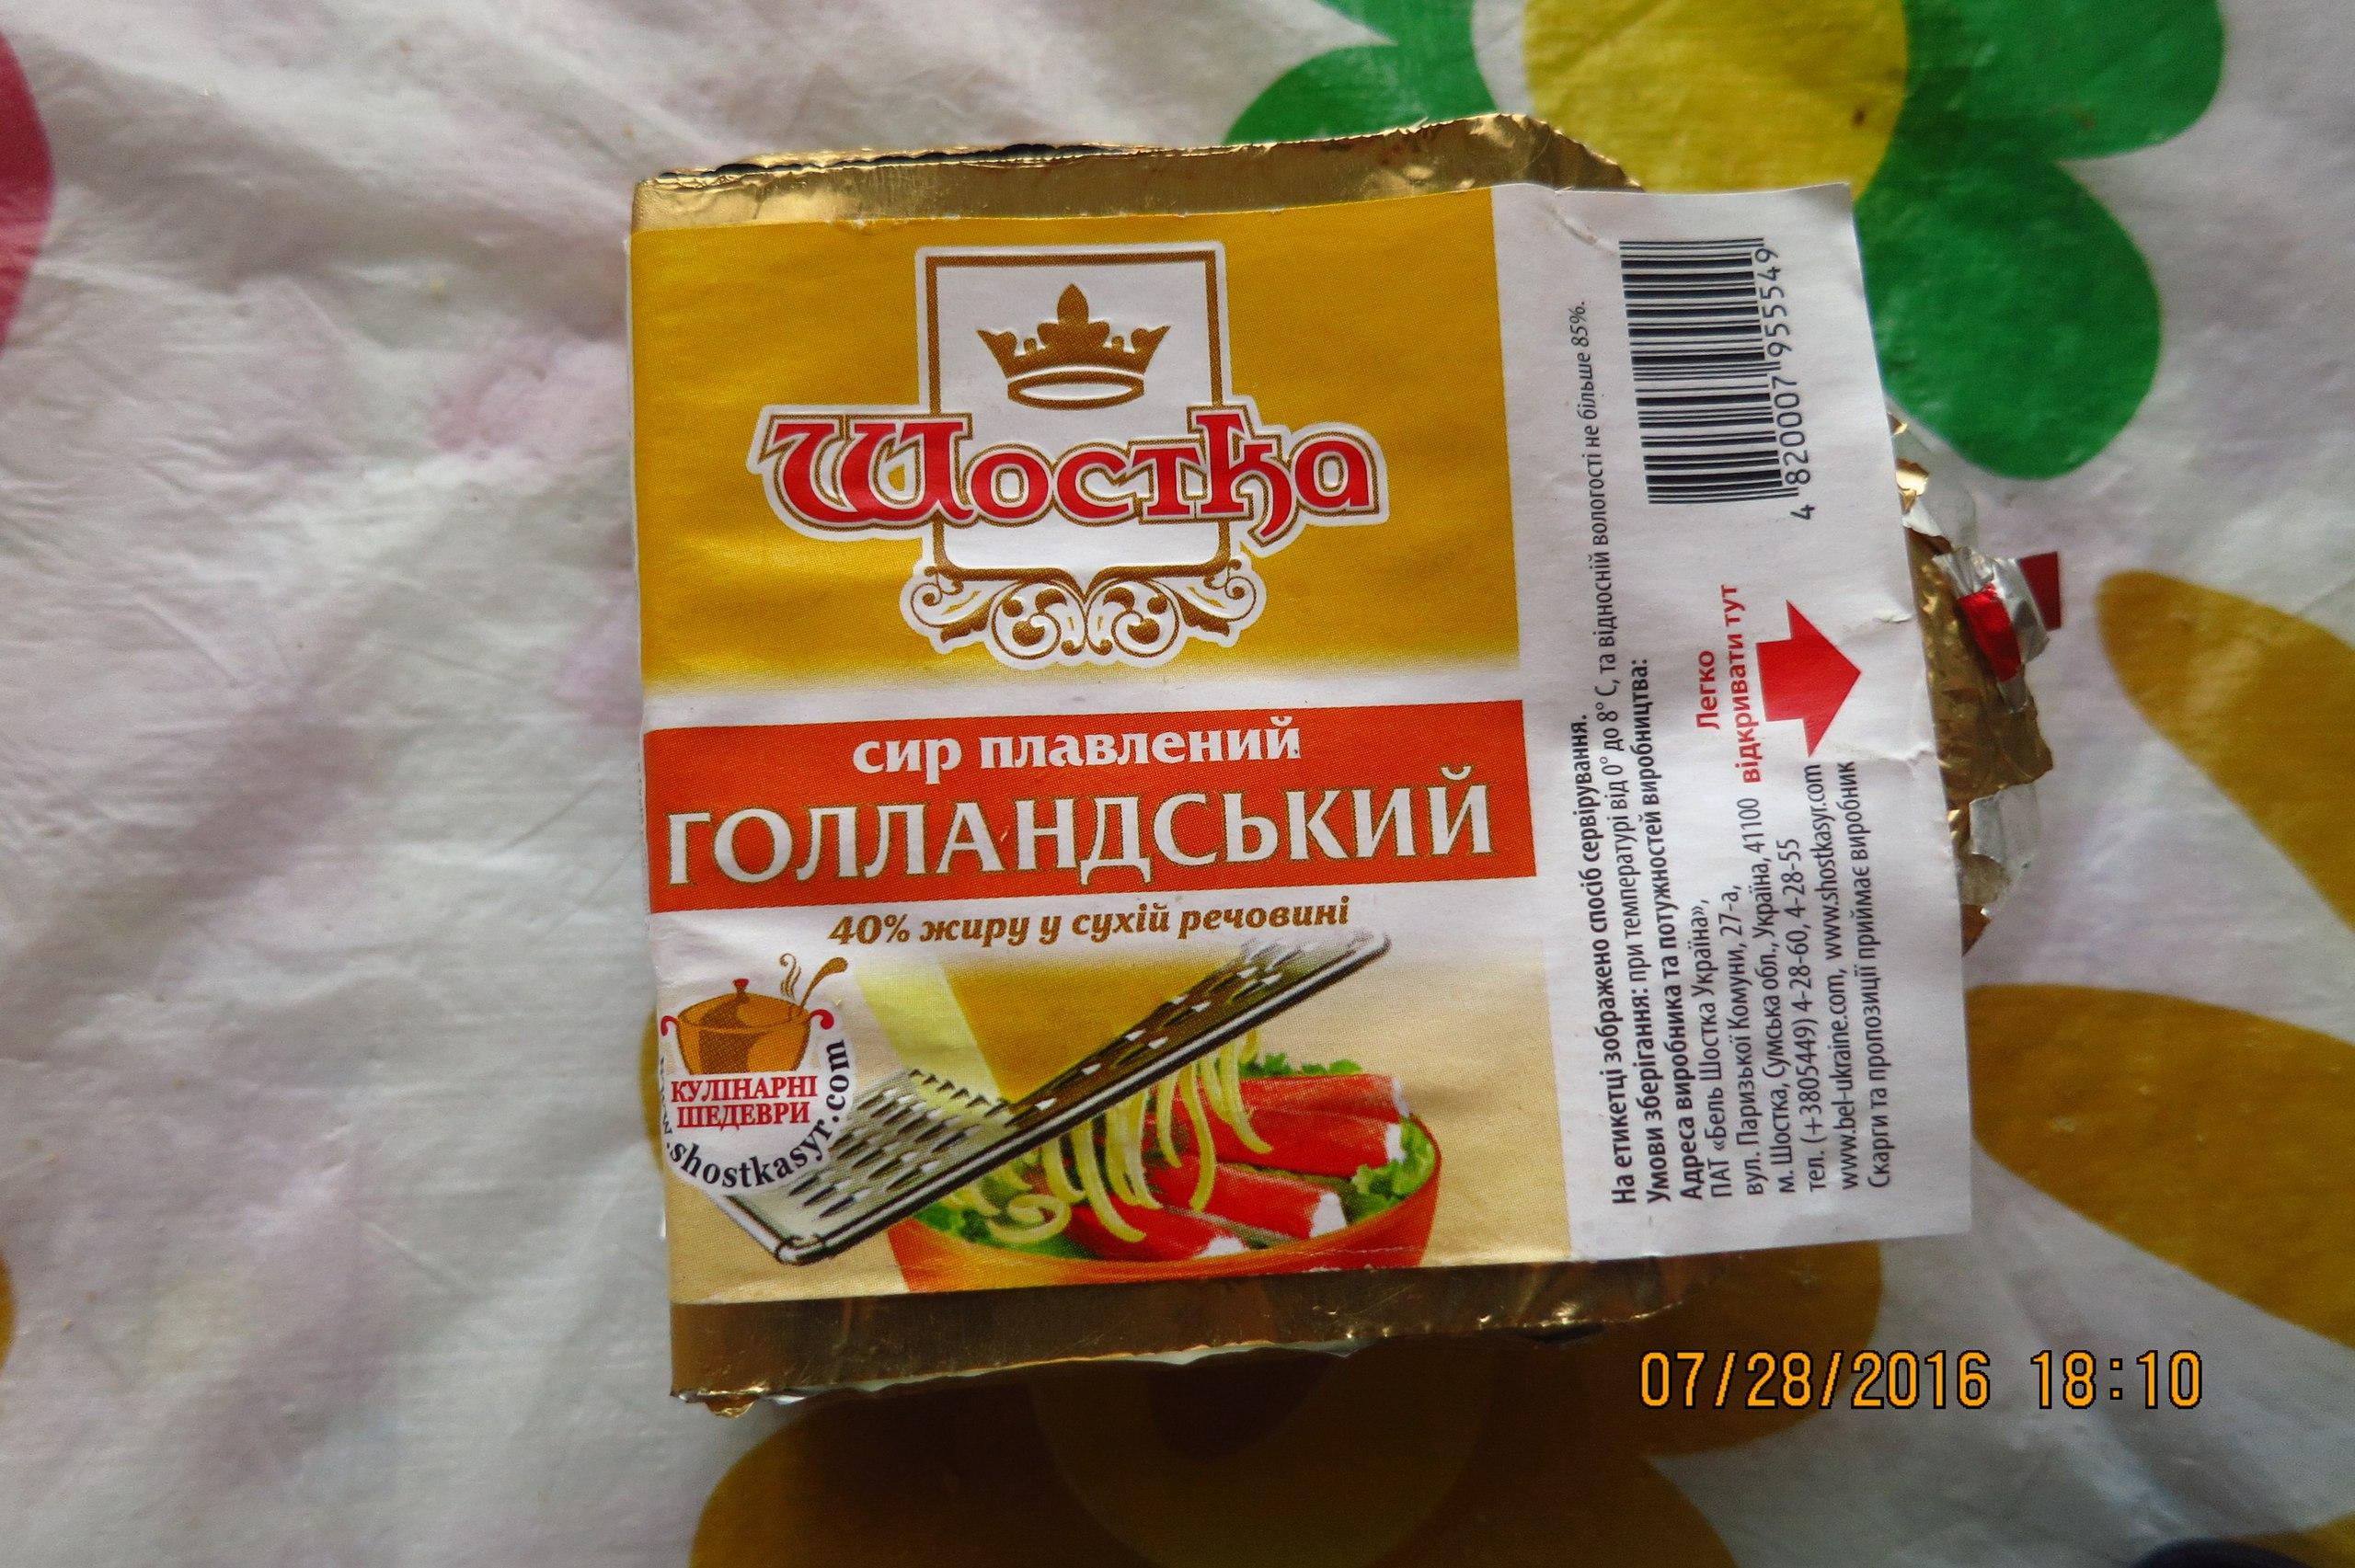 Сир з цвіллю: як на Миколаївщині труять покупців - фото 1